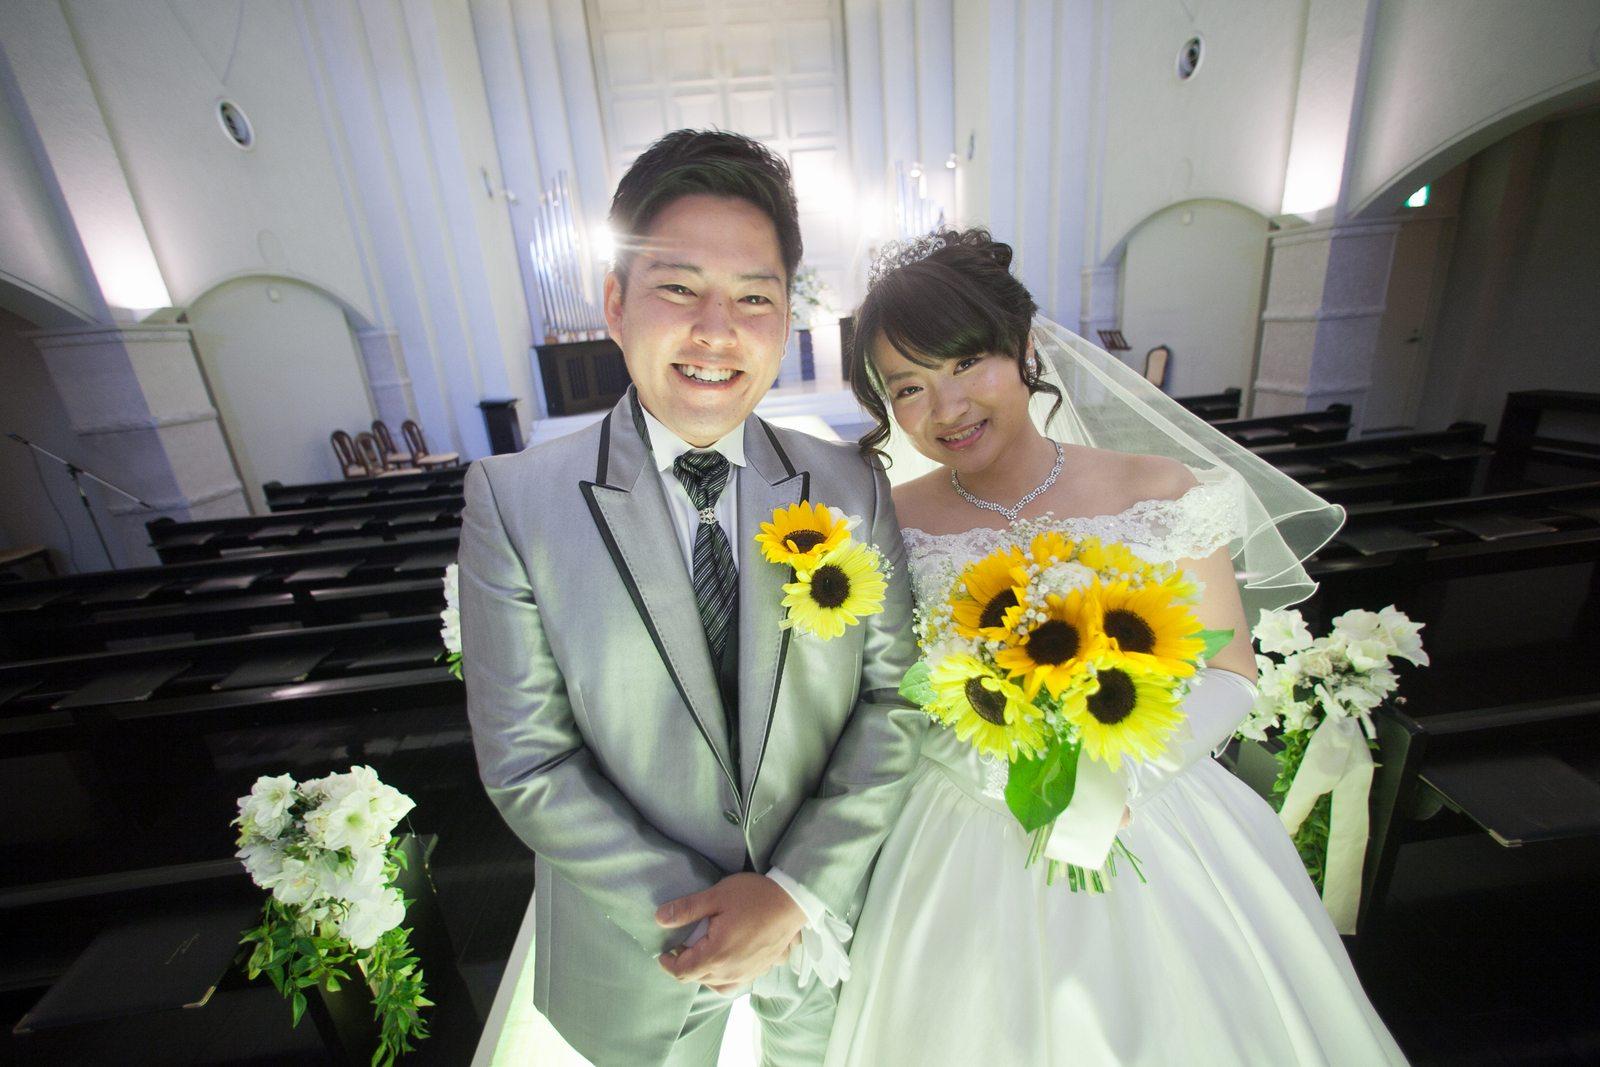 香川県の結婚式場シェルエメール&アイスタイル 新郎新婦